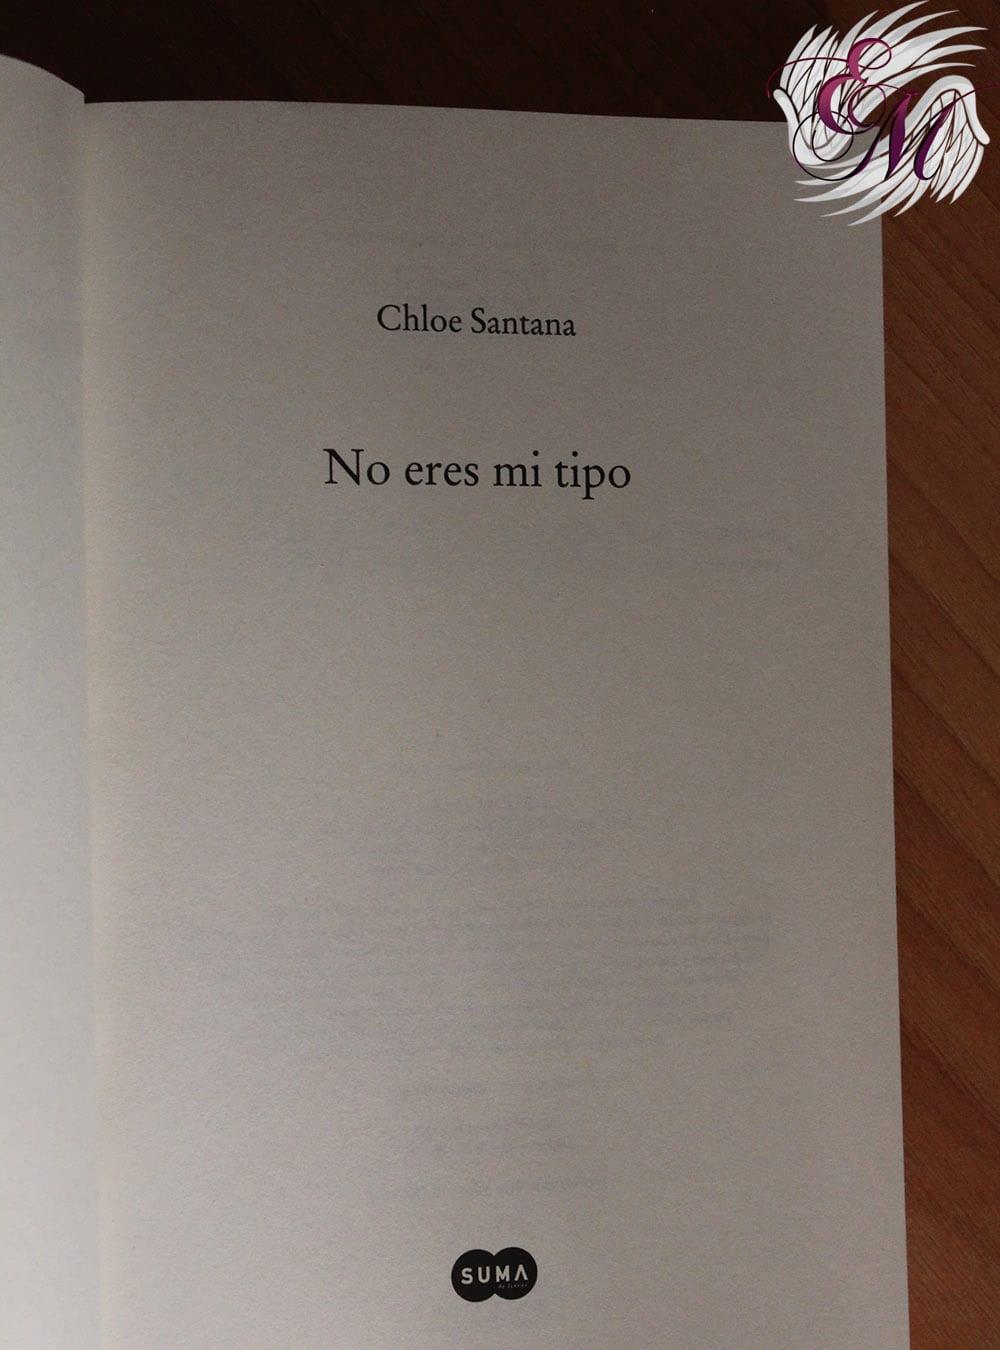 No eres mi tipo, de Chloe Santana - Reseña